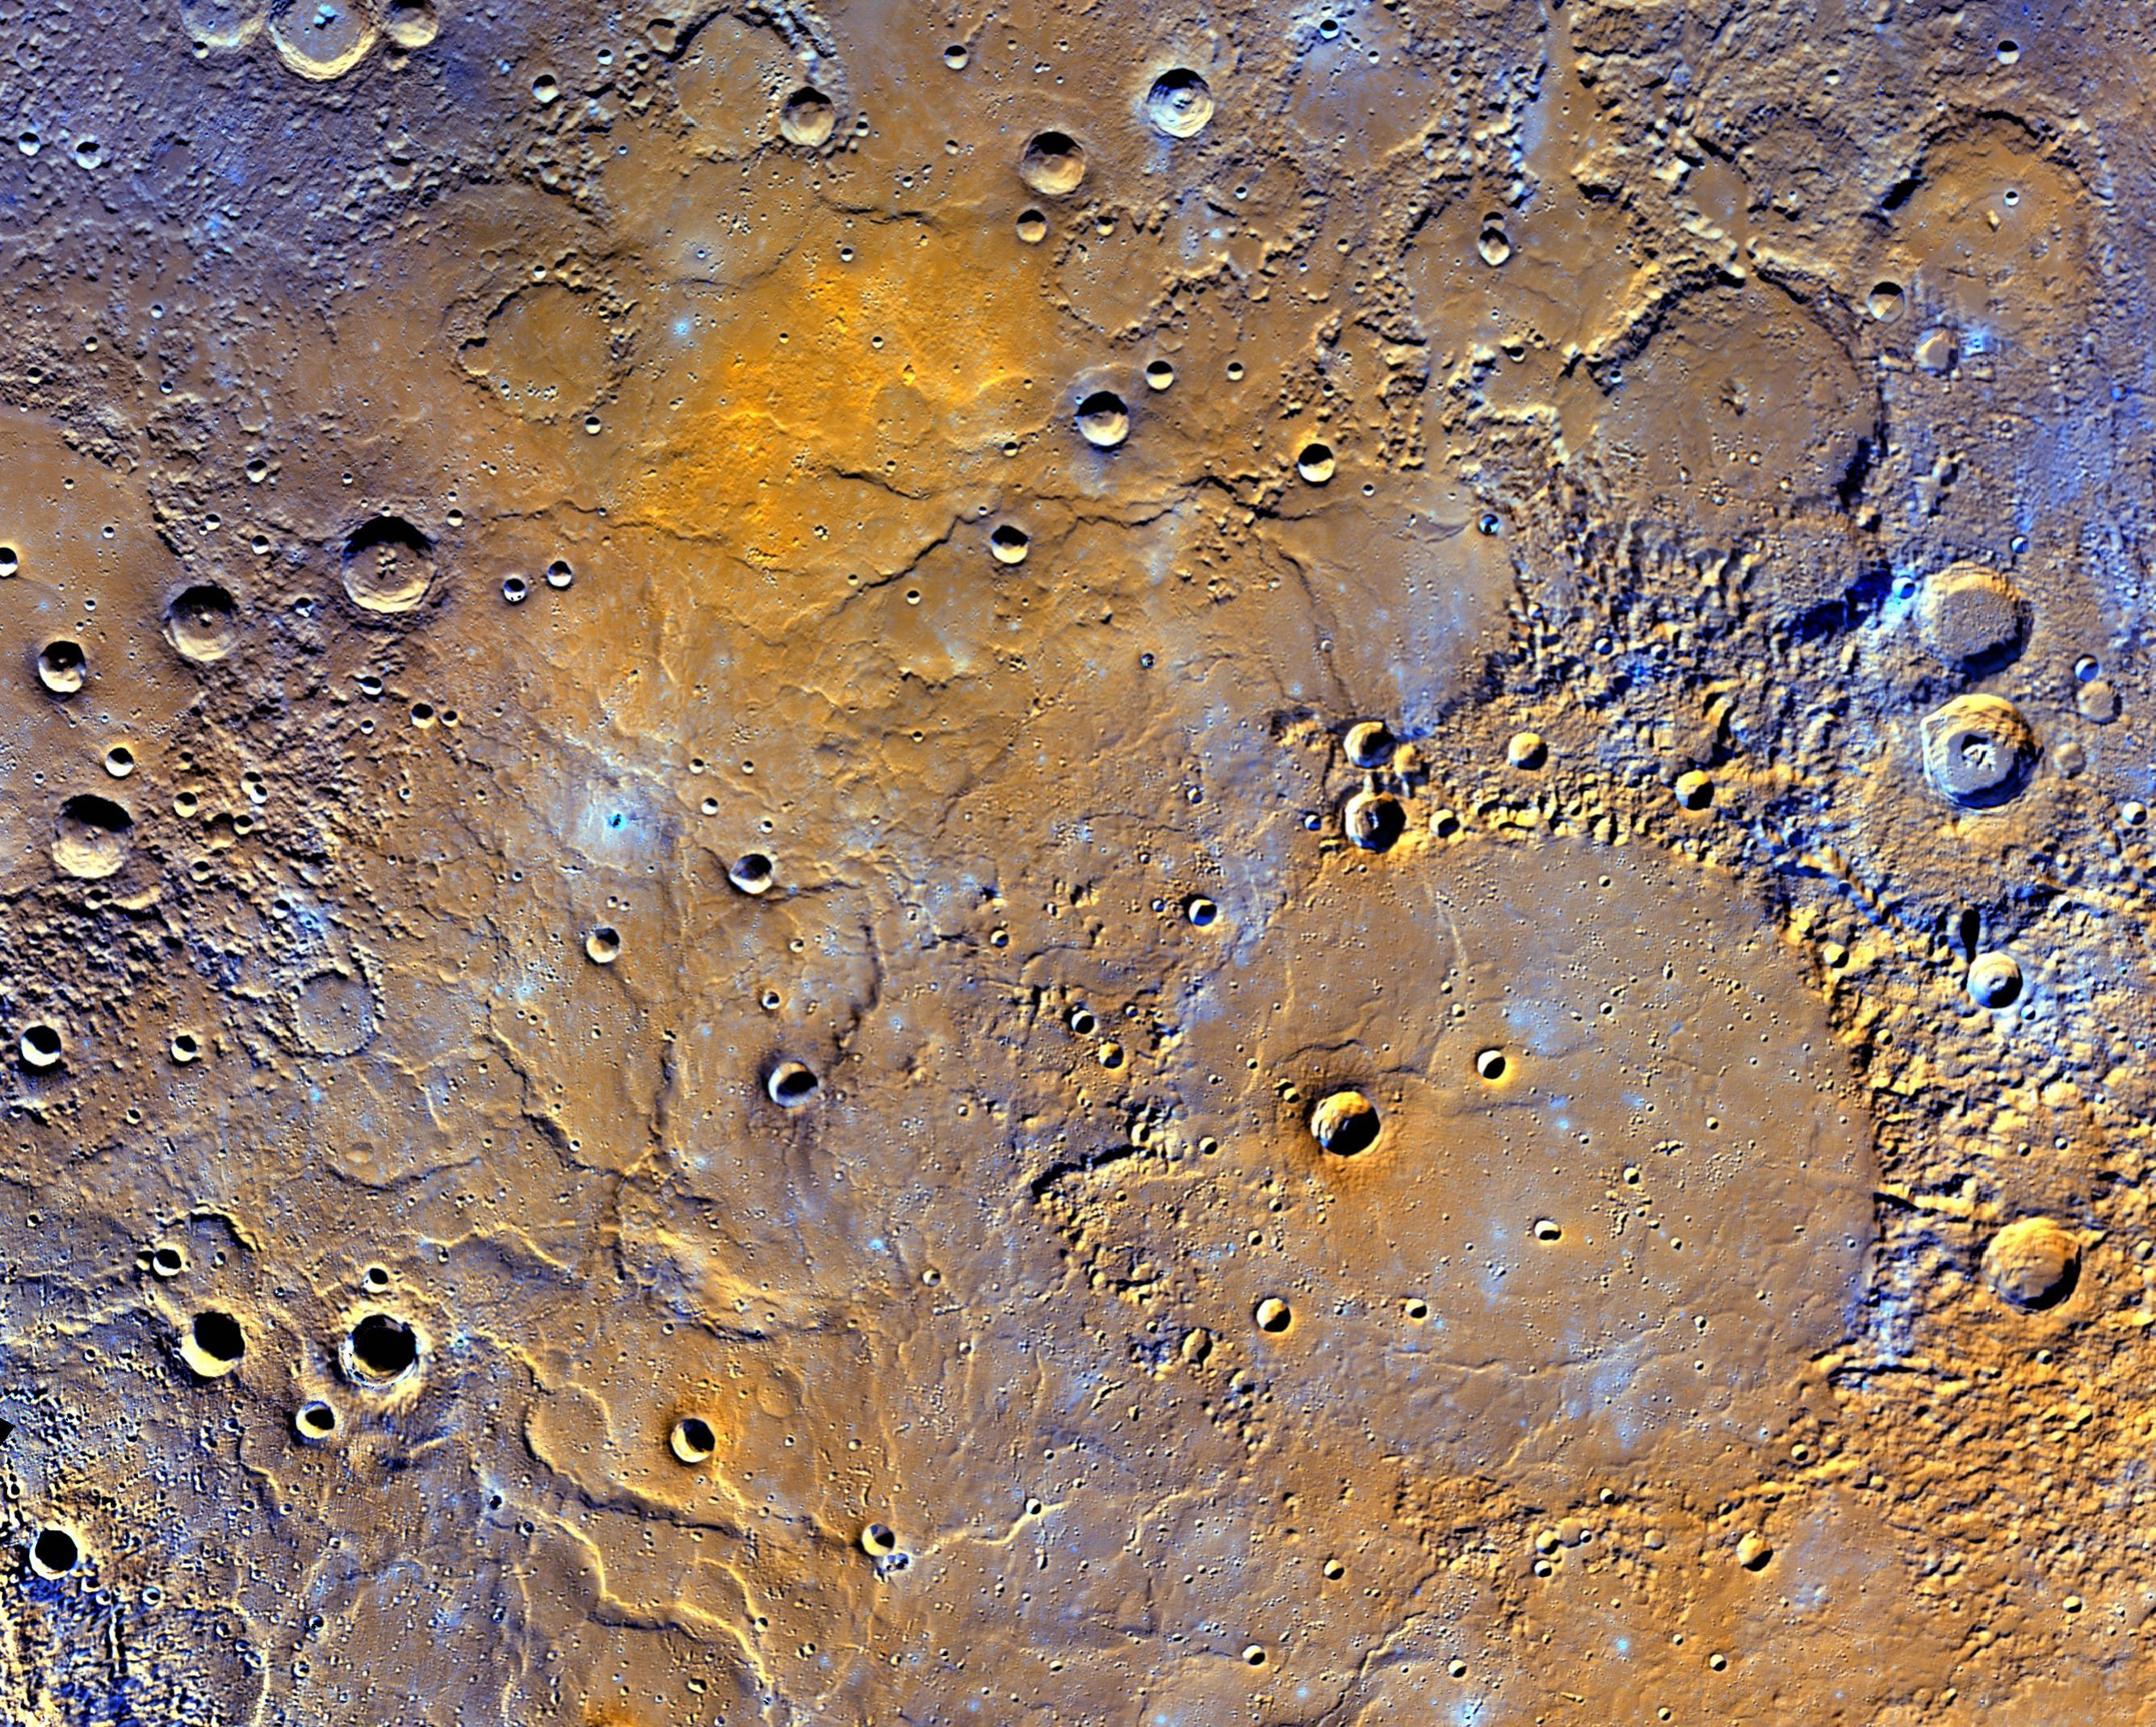 Na tomto pohľade na vulkanickej pláne na severnej pologuli Merkúru môžeme uvidieť impaktnú panvicu Mendelssohn o priemere 291 km (na pravom spodnom kvadrante), ktorý bol zrejme kedysi vyplnený lávou. V dolnej časti obrazu sú veľké hrebene, sformované v čase chladnutia lávy. Láva tu tiež zatopila krátery, ktoré majú vzhľad plytkých jamiek, prípadne z nich vidíme len okraje. Oranžová škvrna hore lokalizuje miesto, odkiaľ láva vytekala. Farby boli zvýraznené pre zdôraznenie druhovej rozmanitosti hornín